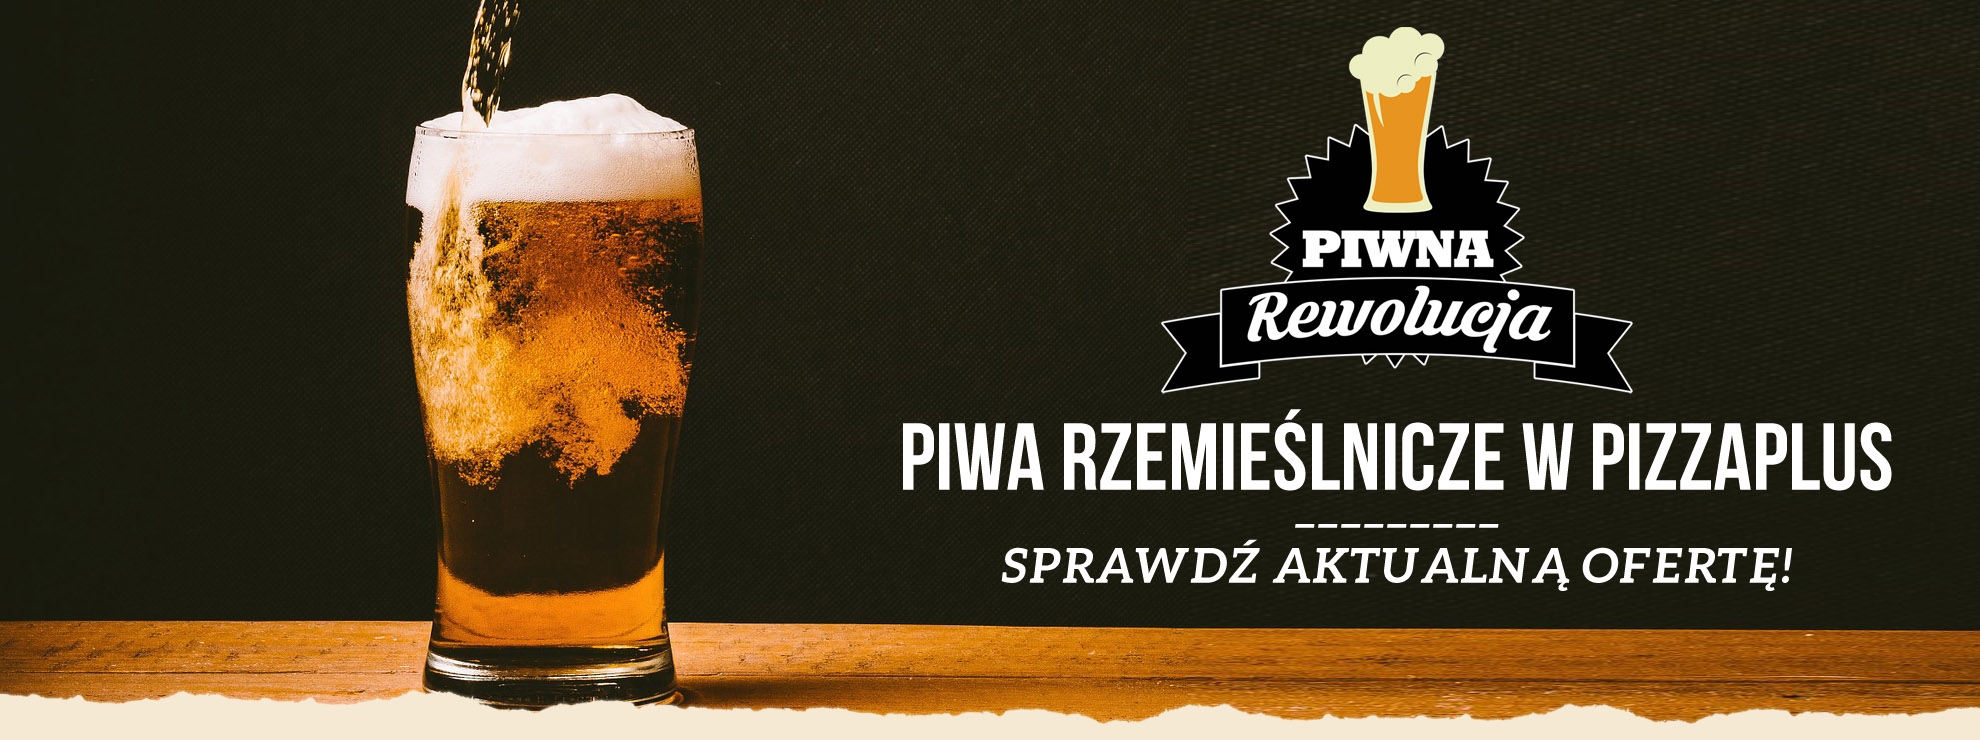 slide-piwa-rzemieslnicze-06-16